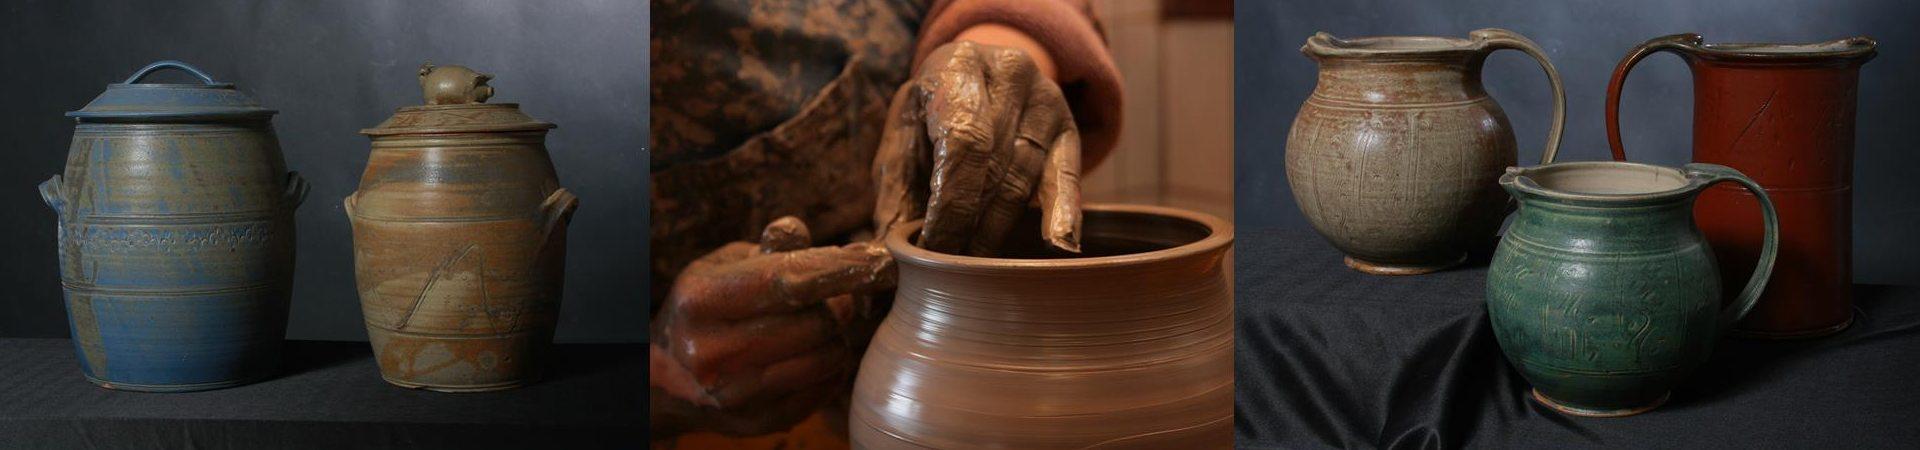 artisan-potier-poterie-bourgoin-jallieu